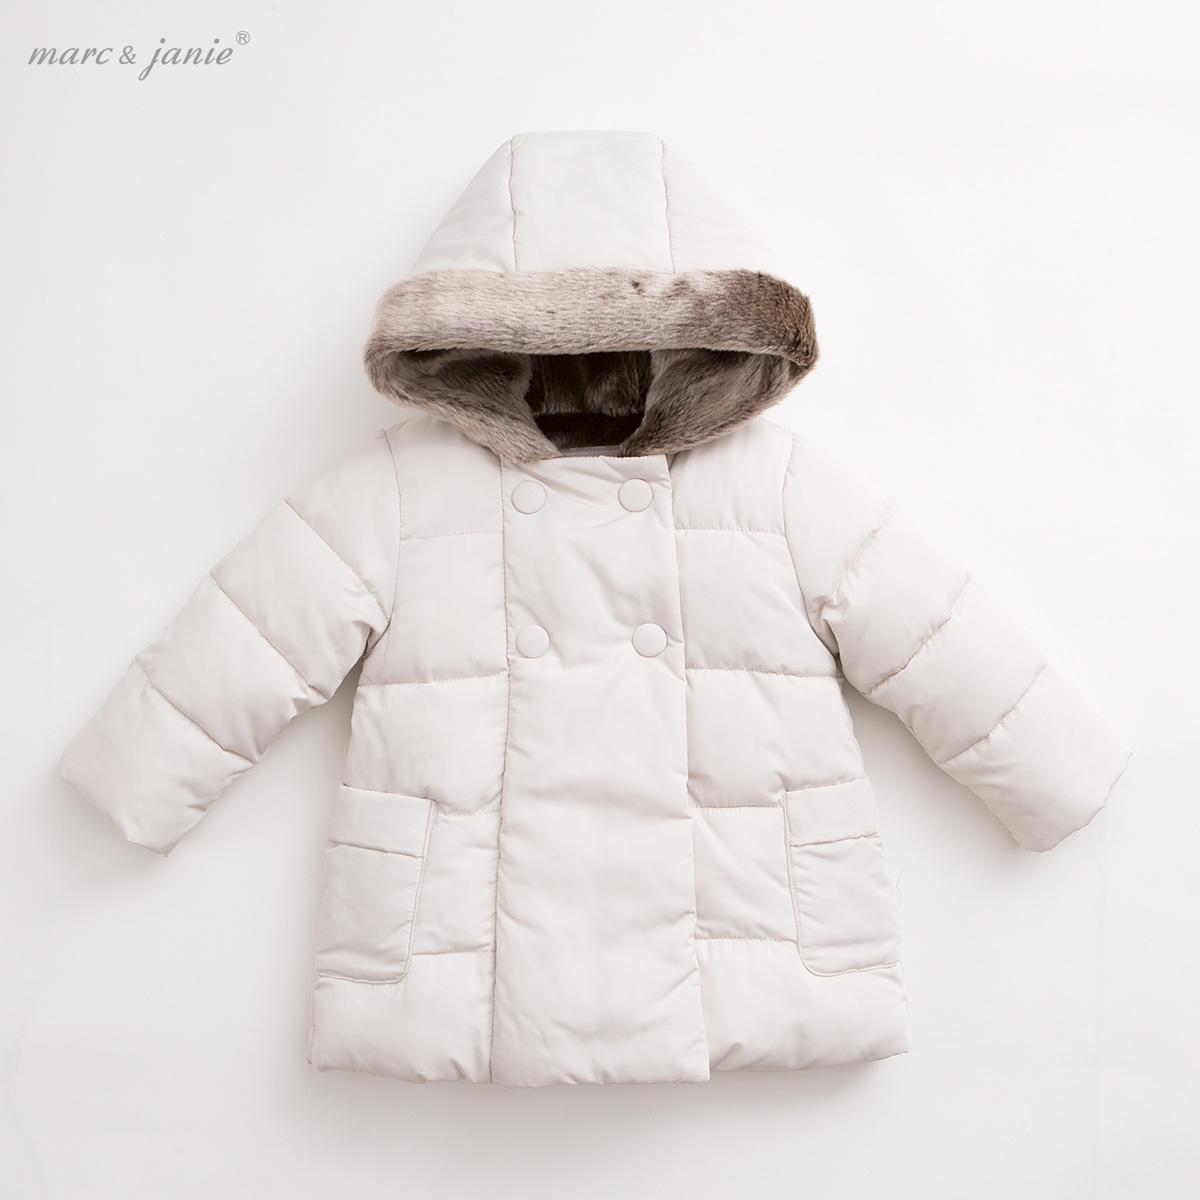 Marcjanie makezhenni зимняя одежда ребенка одежду девочек Хлопок одежда детей жакет и вниз 15592